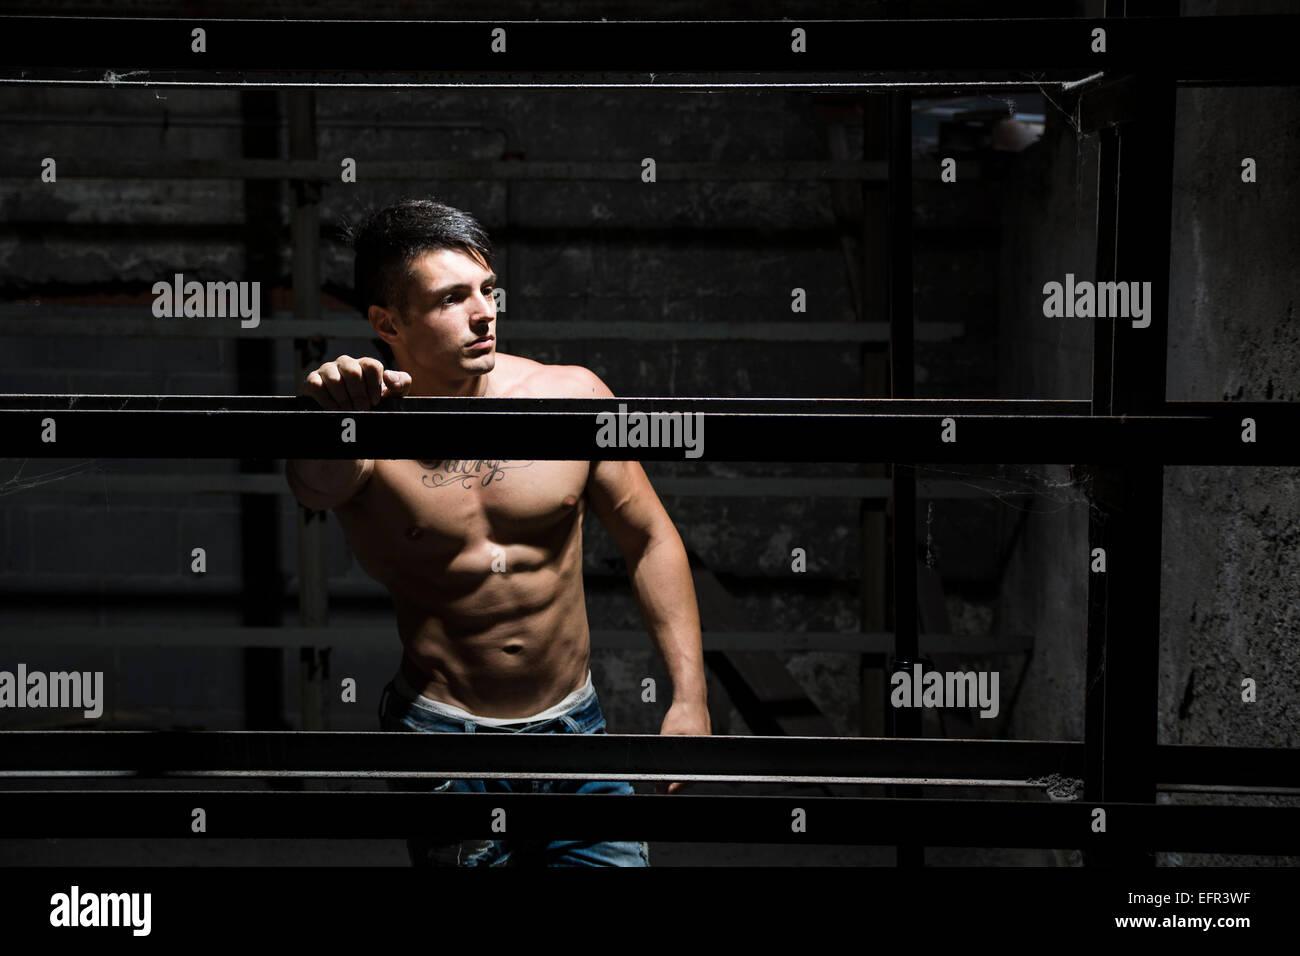 Musculoso descamisado joven apoyado contra la estructura metálica Imagen De Stock